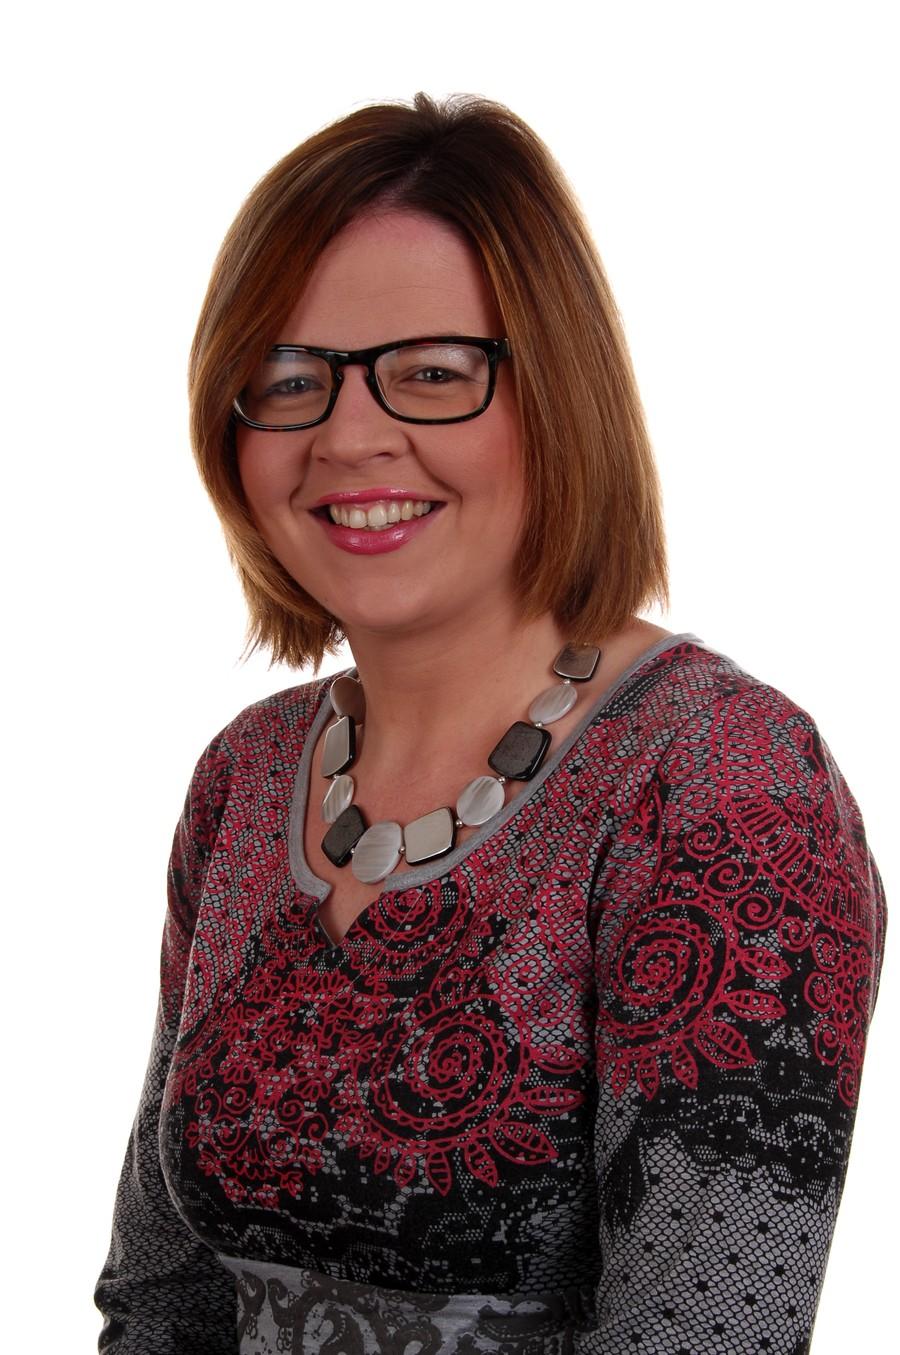 Mrs McGrath